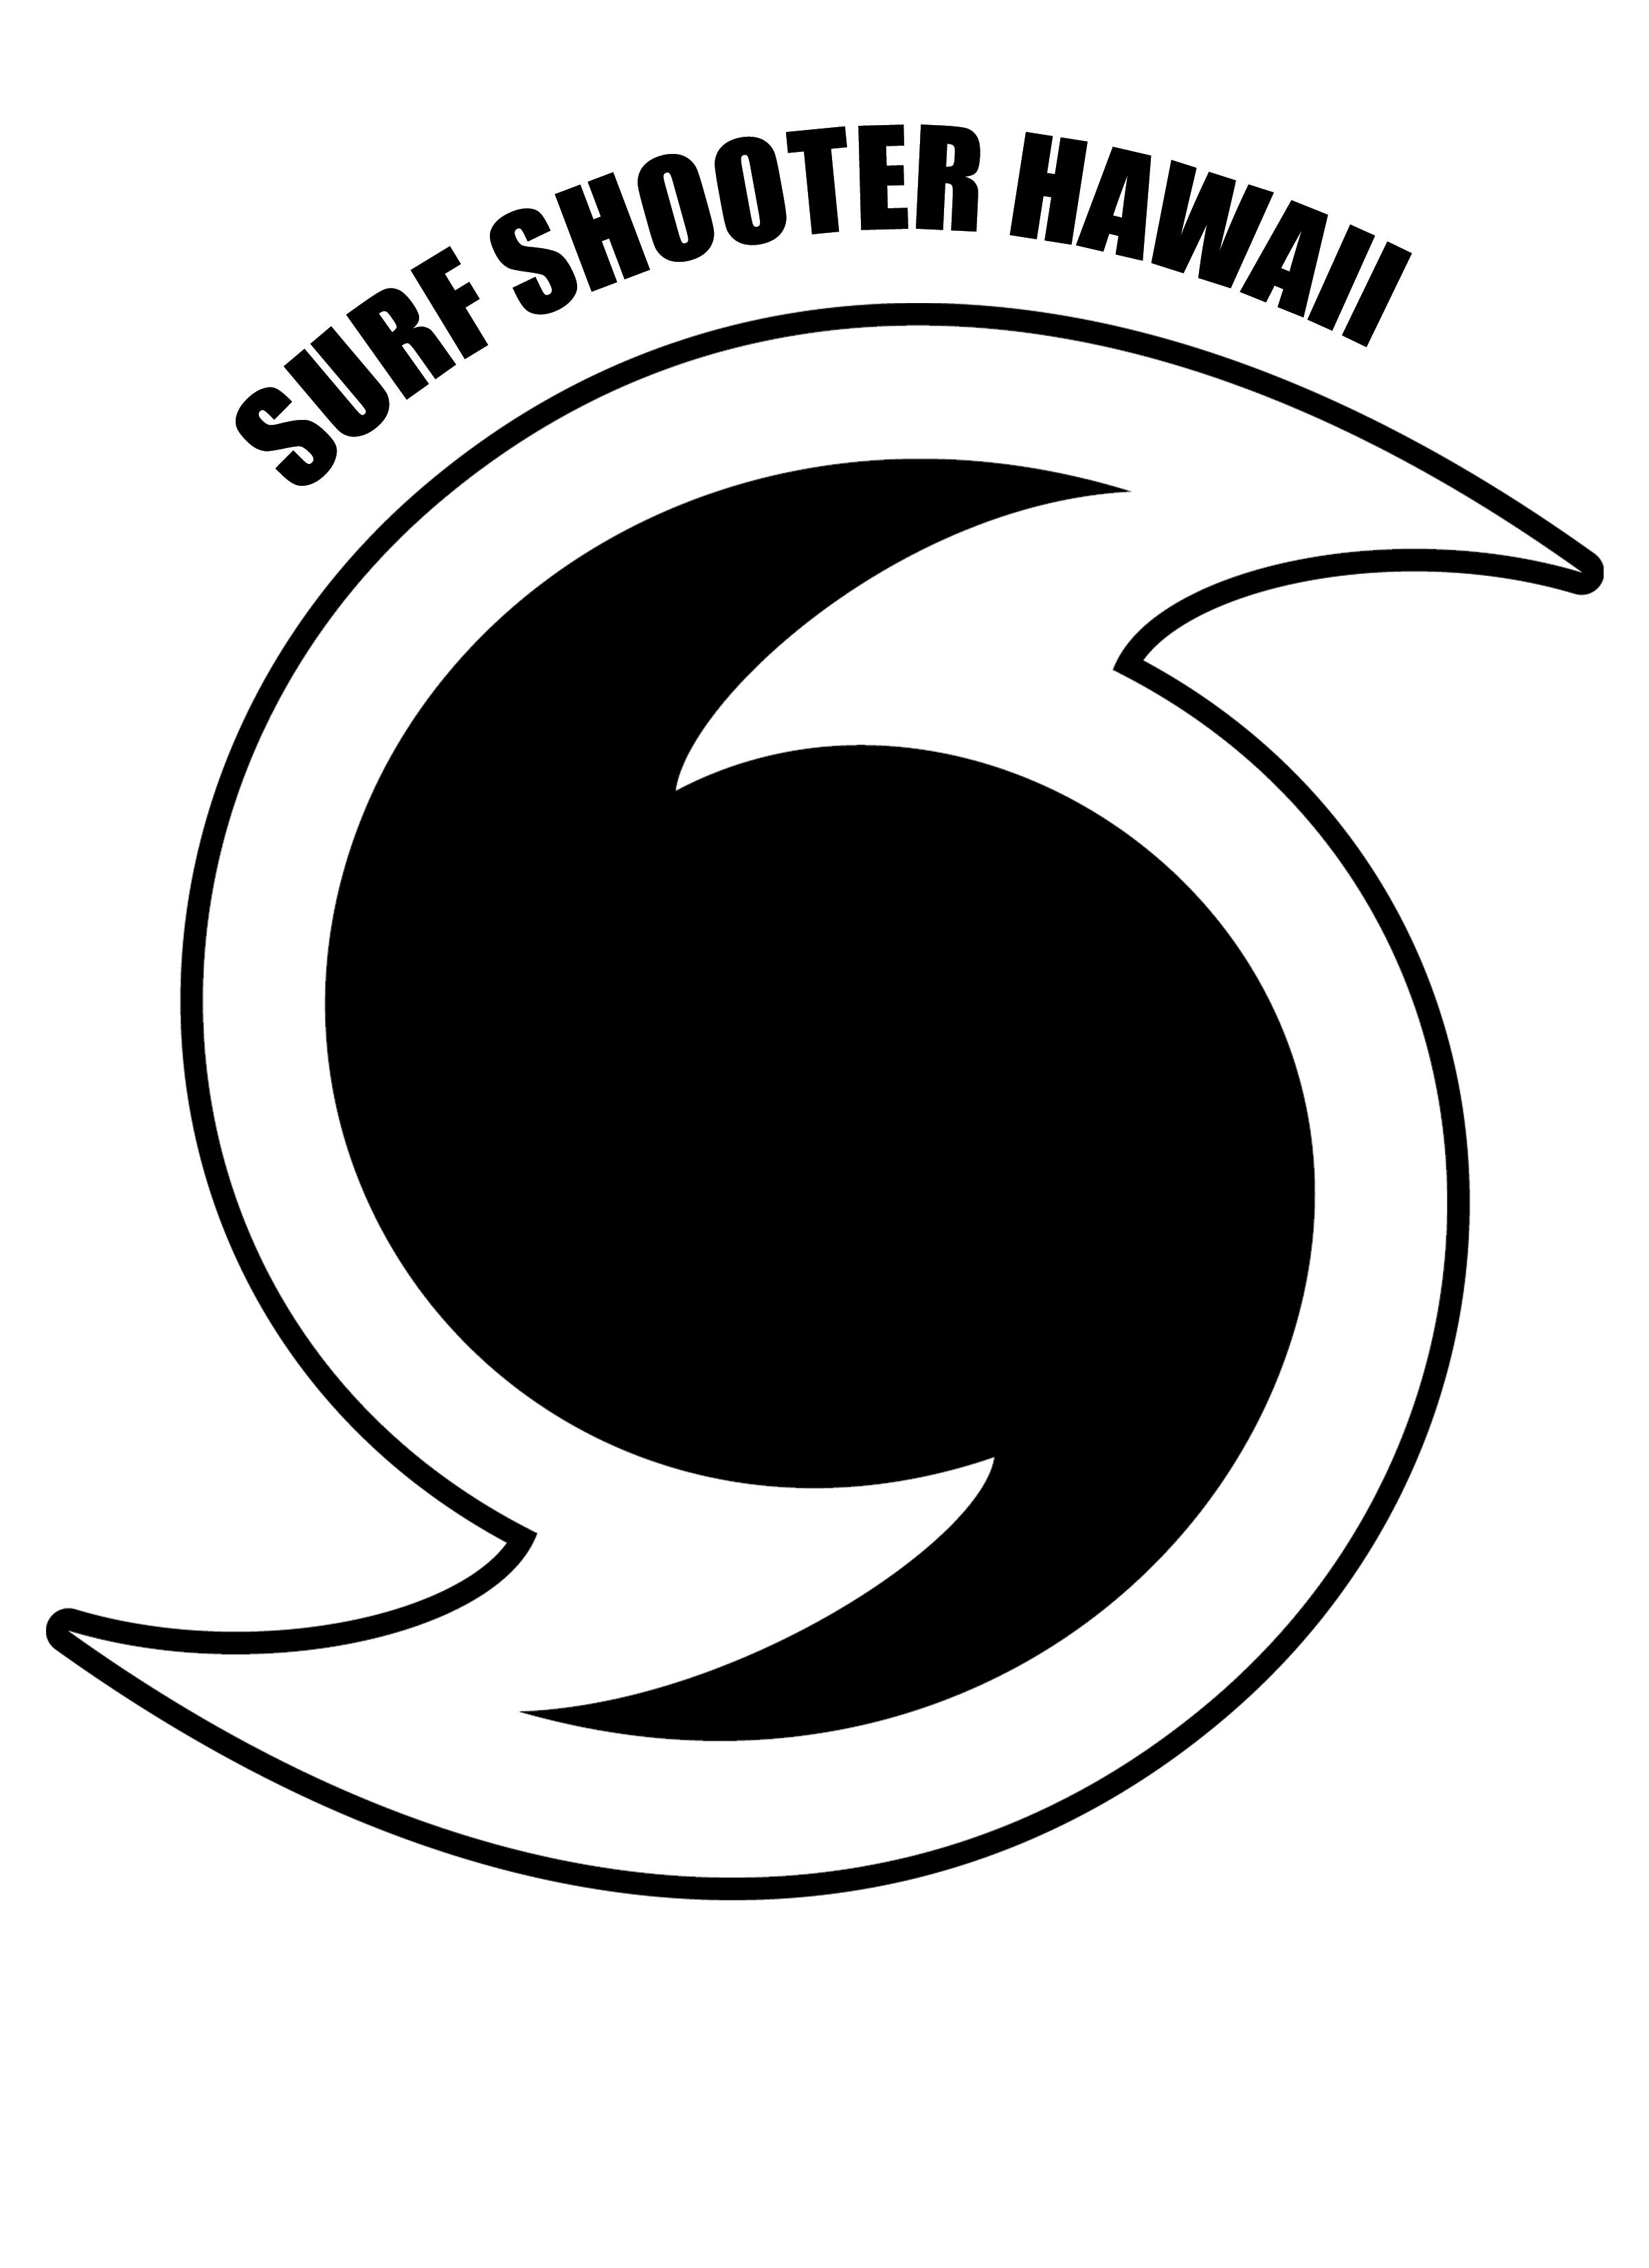 SurfShooterHawaii-Logo